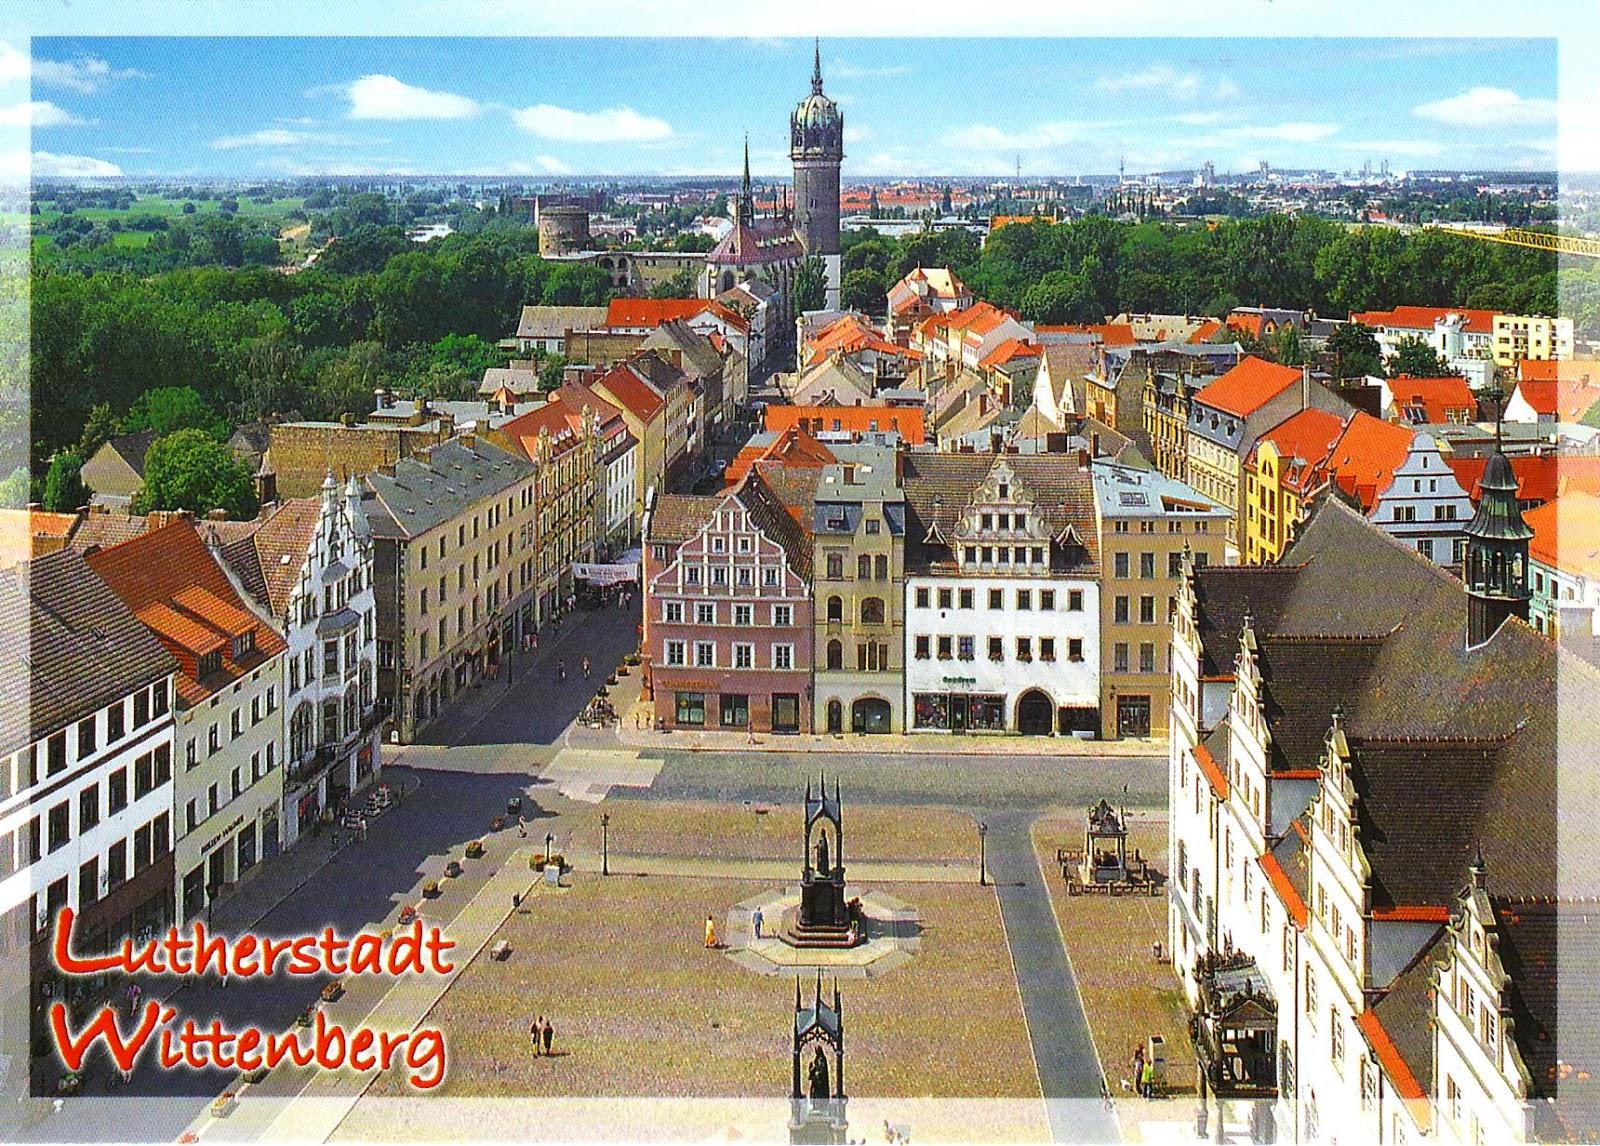 Singleborse lutherstadt wittenberg